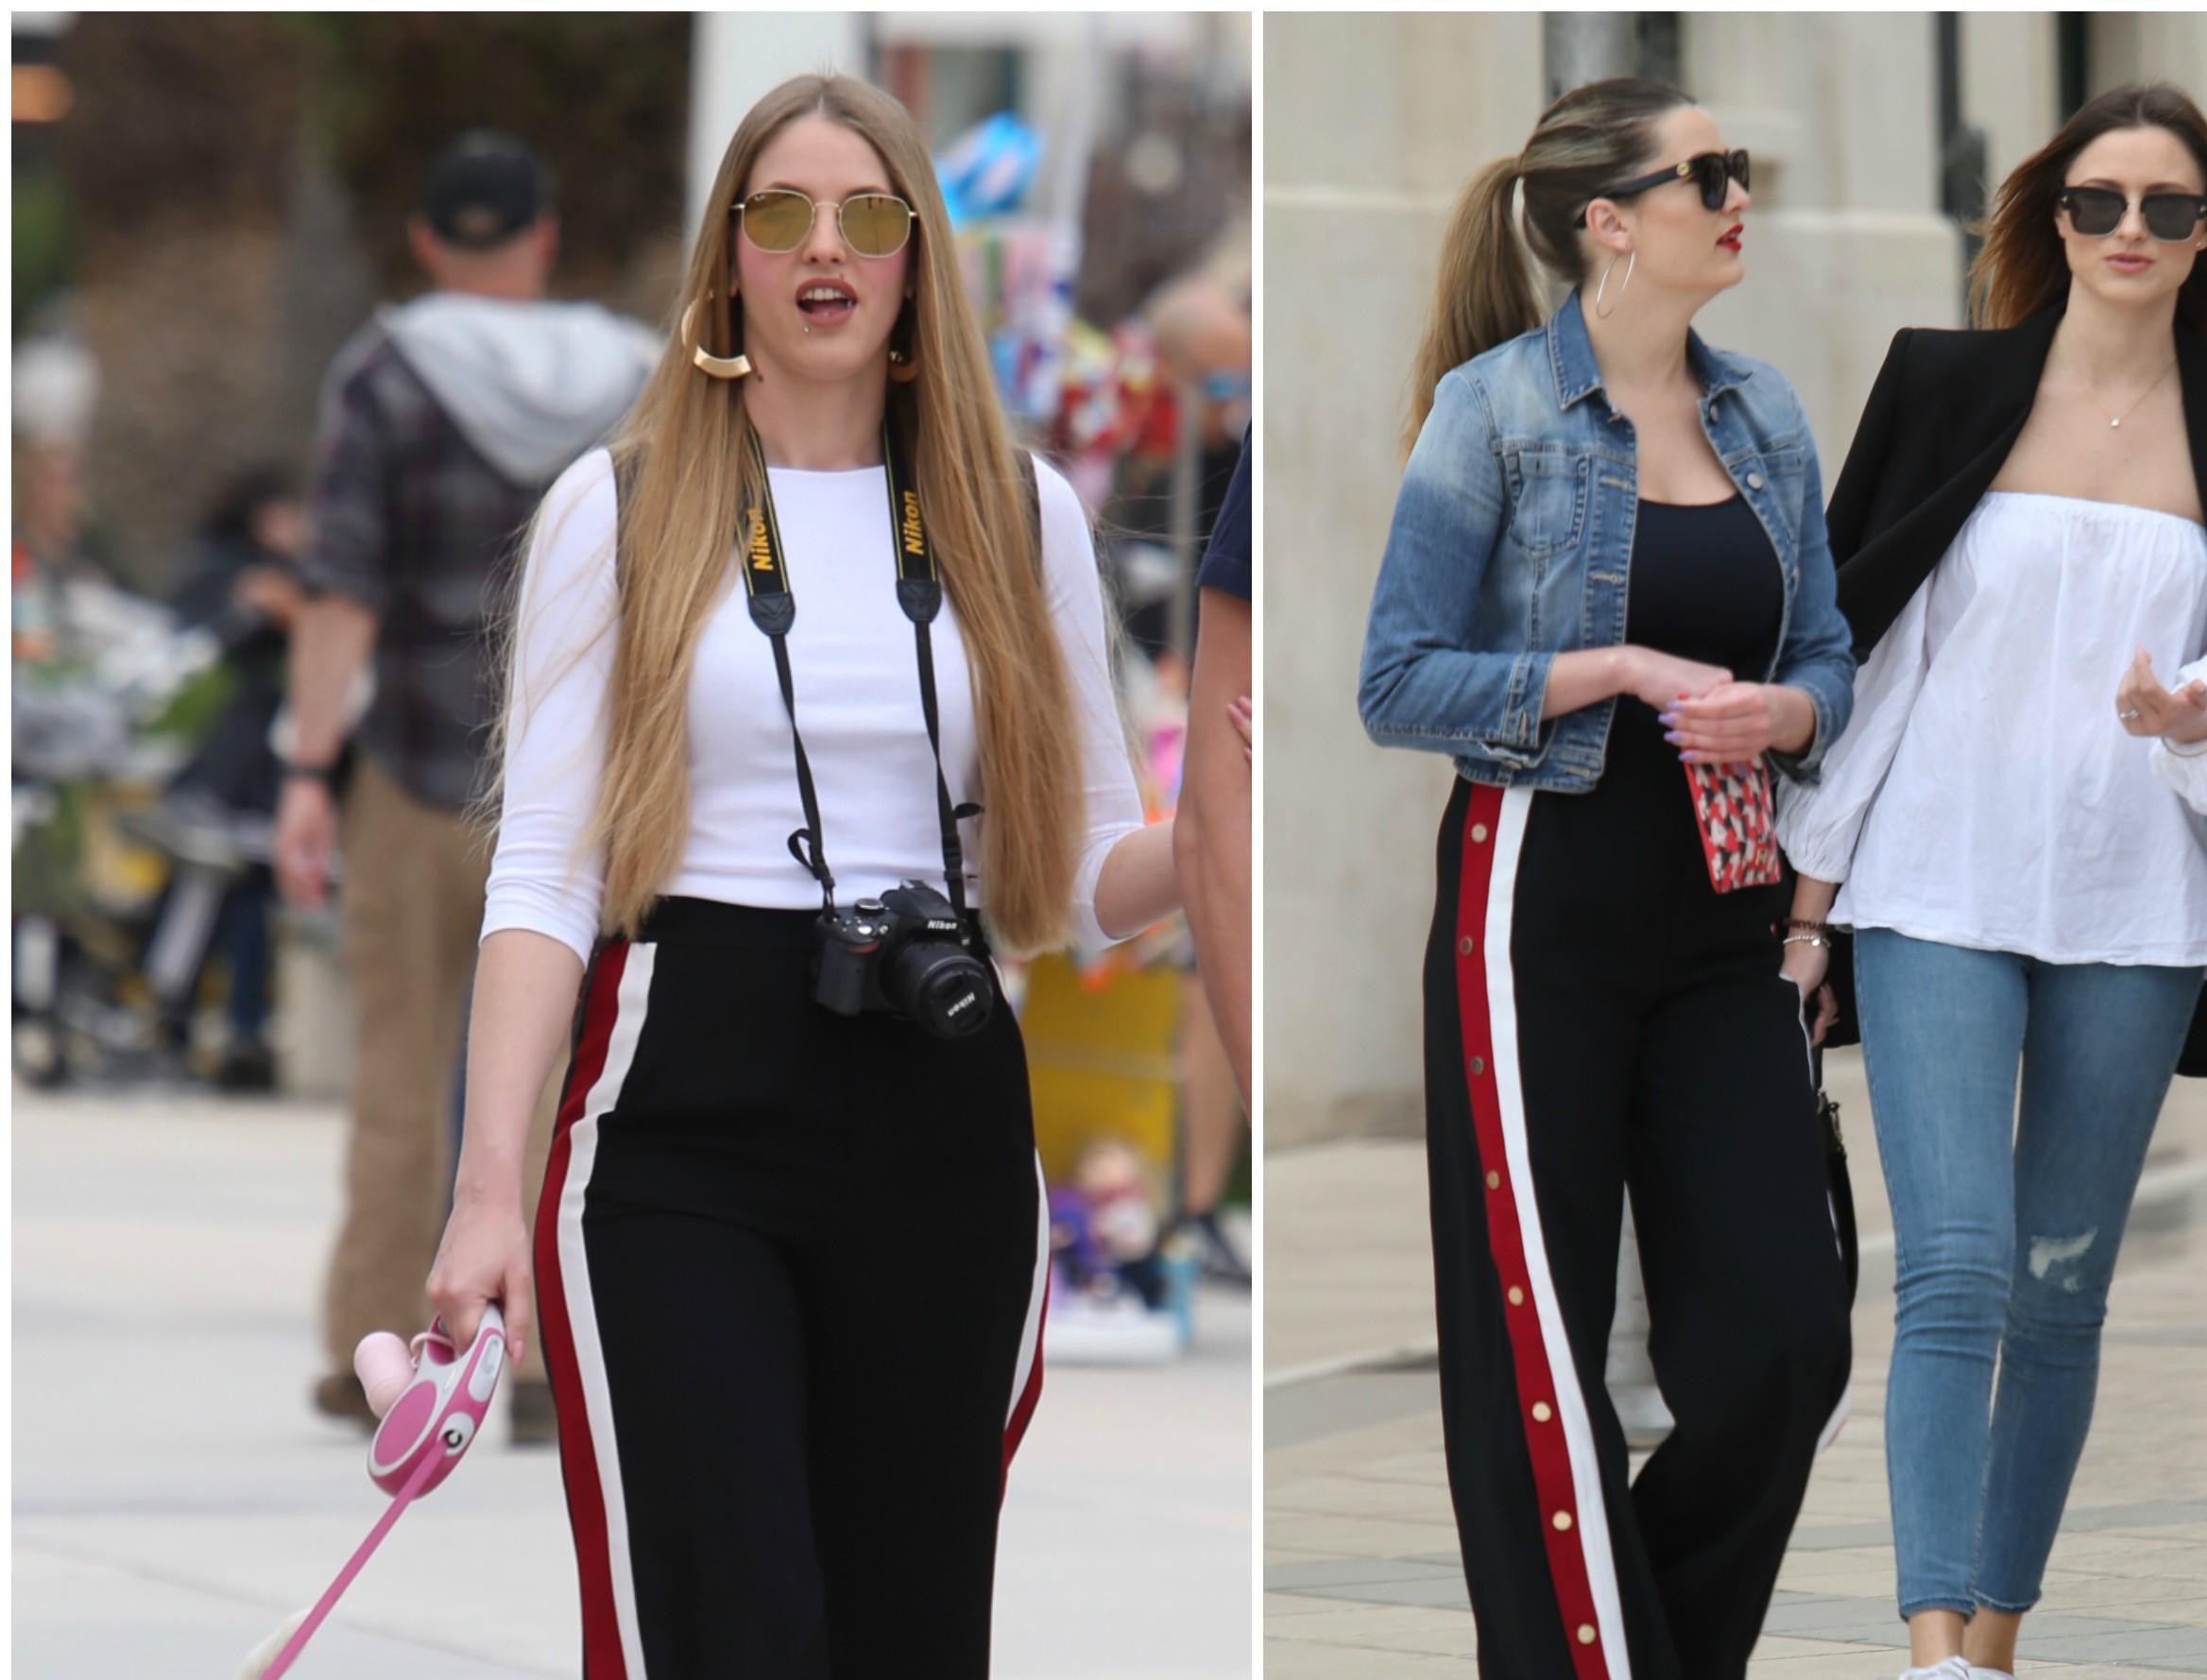 Dvije Splićanke i jedne hlače kojih je mnogima dosta: Koja ih ljepotica bolje nosi?